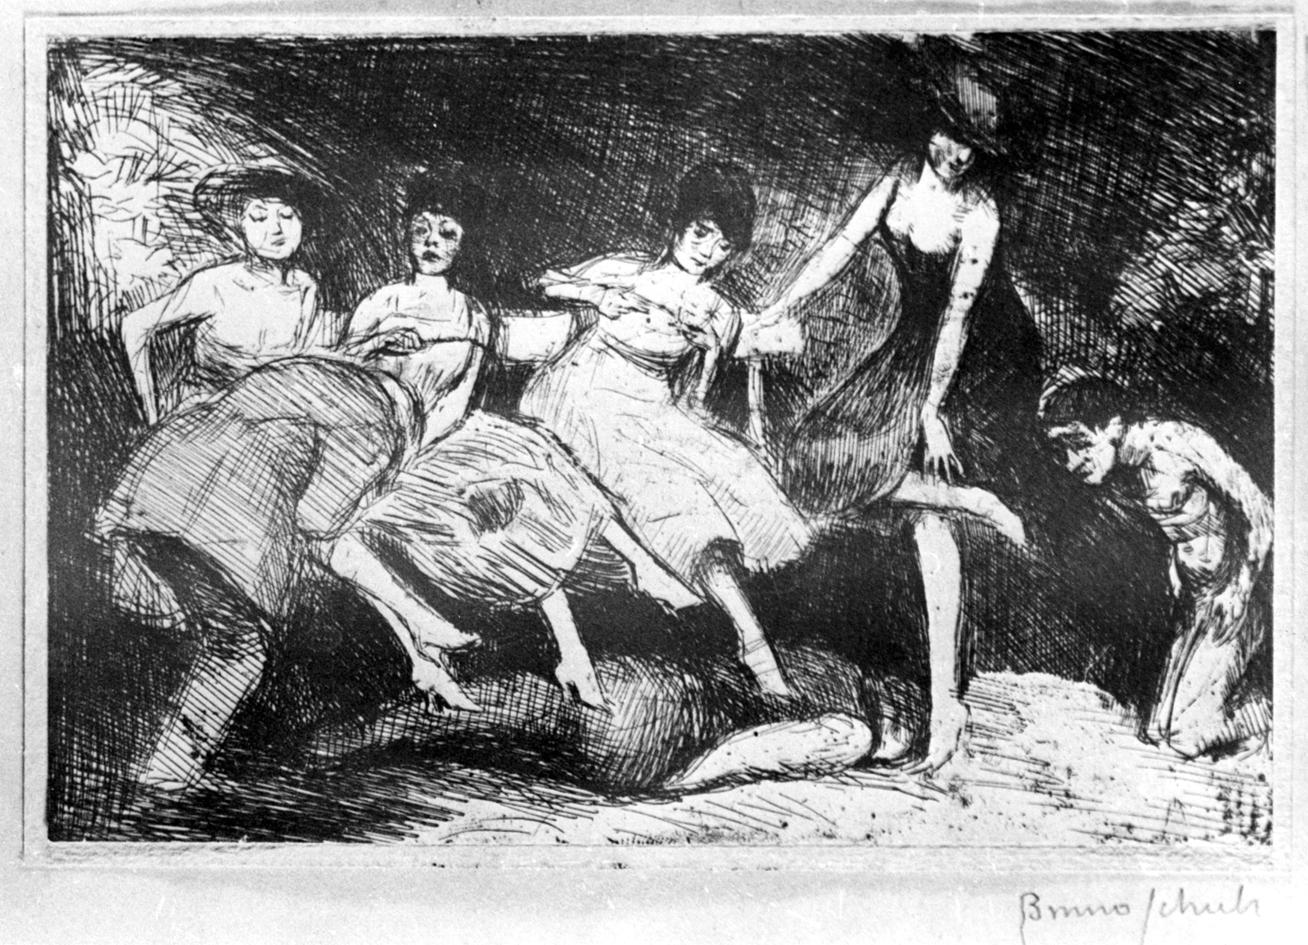 Бруно Шульц. Ігри в саду, 1920; папір, туш (зі зібрки Романа Турина)